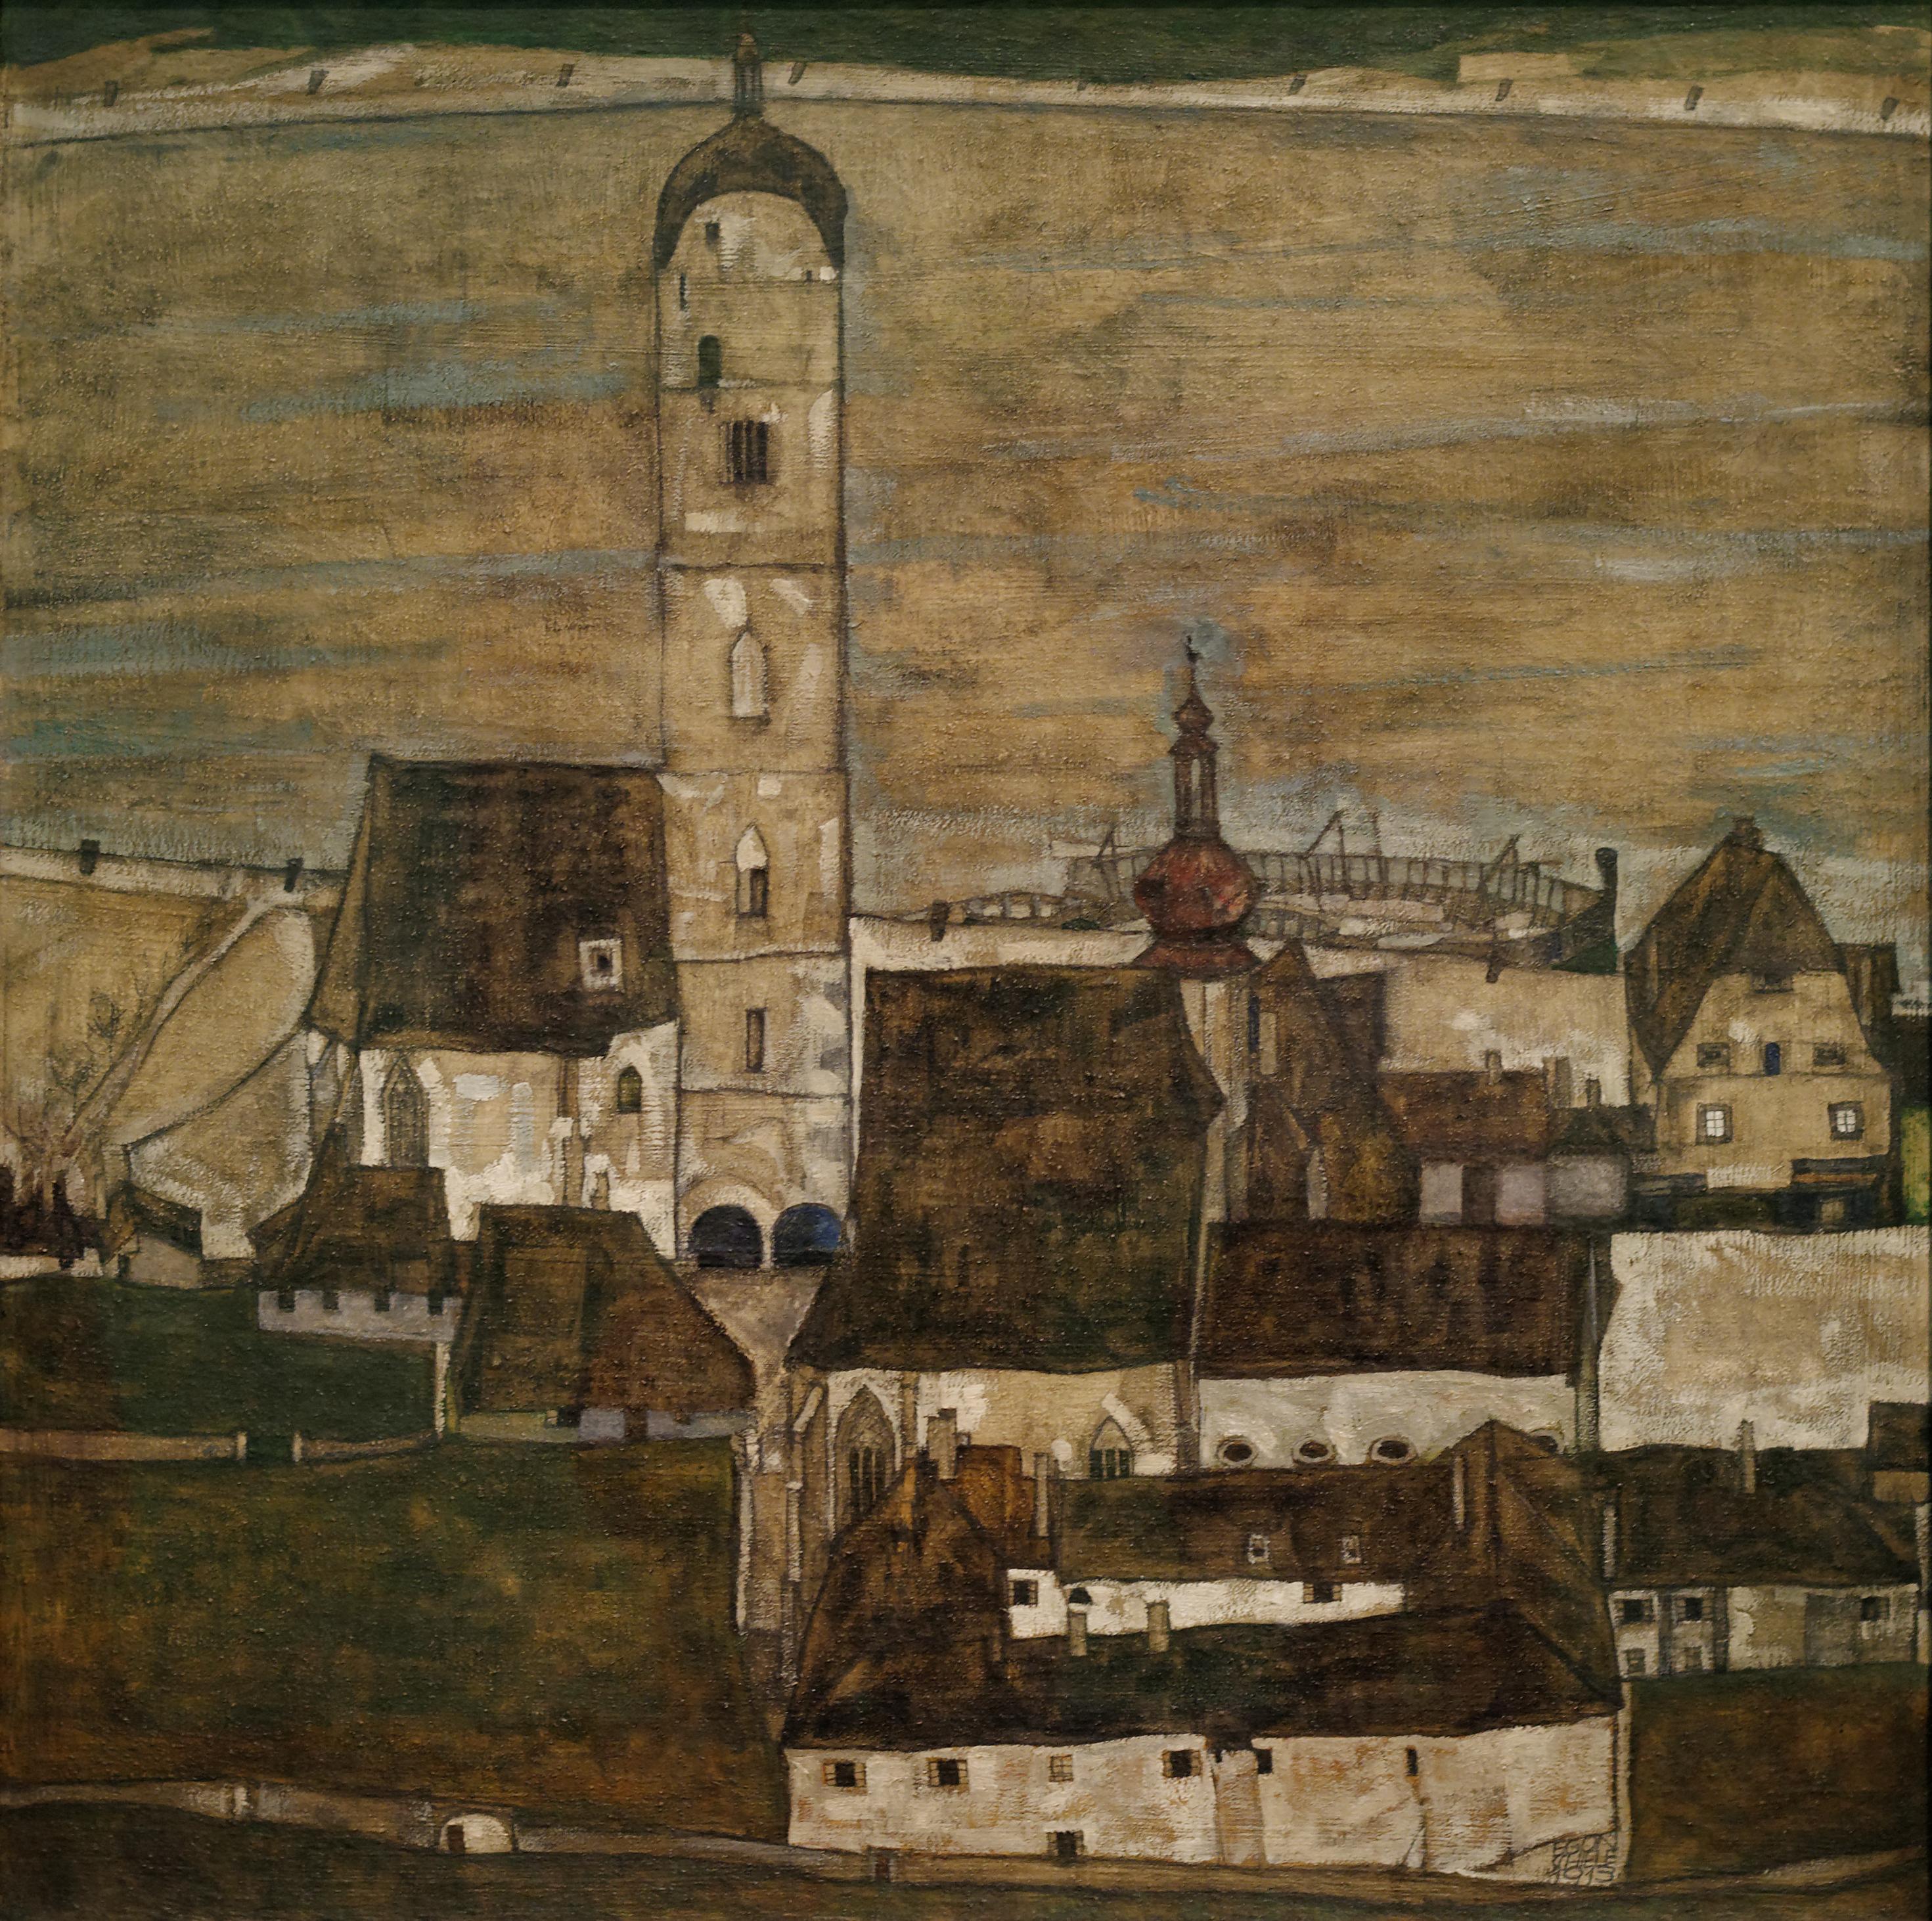 Stein_on_the_Danube_II_Egon_Schiele_1913.jpg